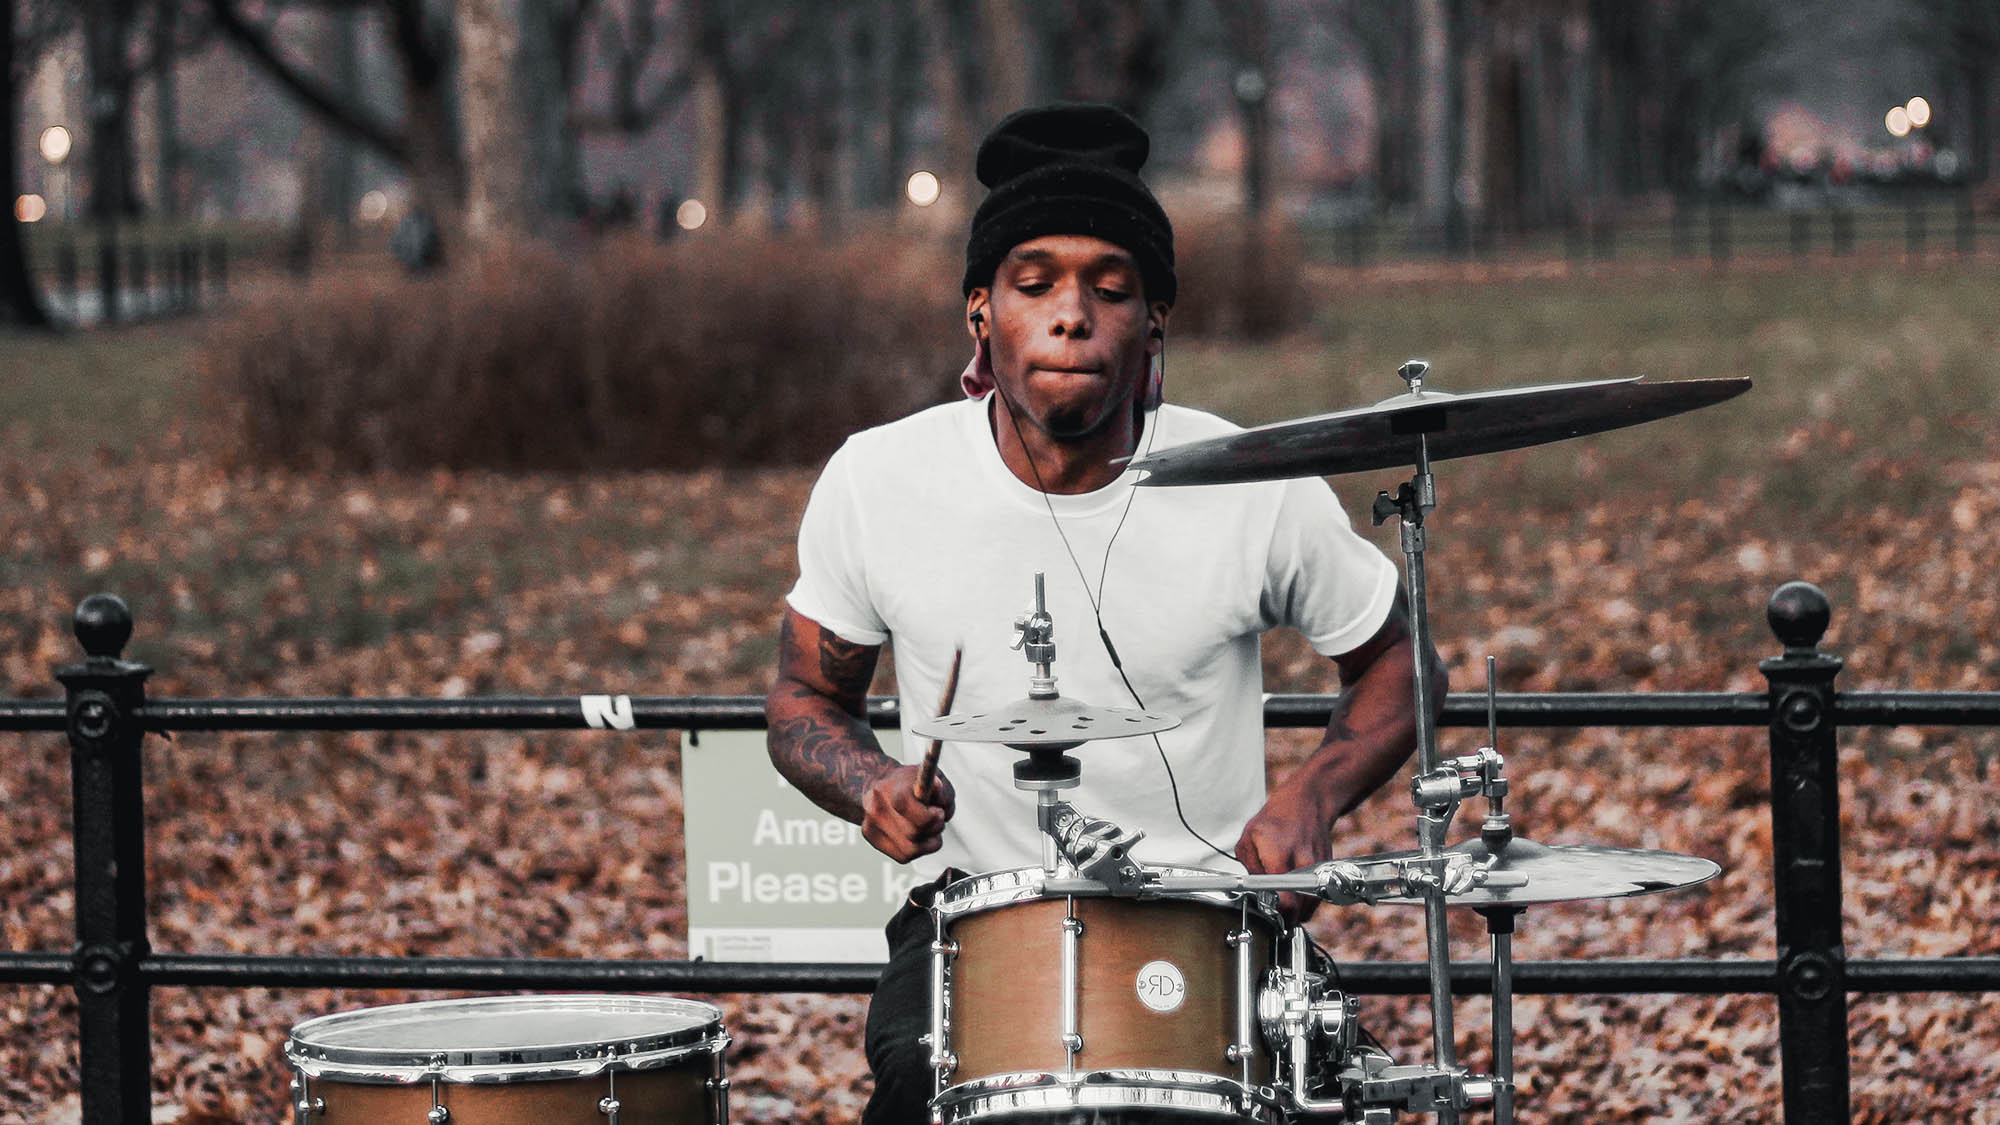 Drummer in Central Park